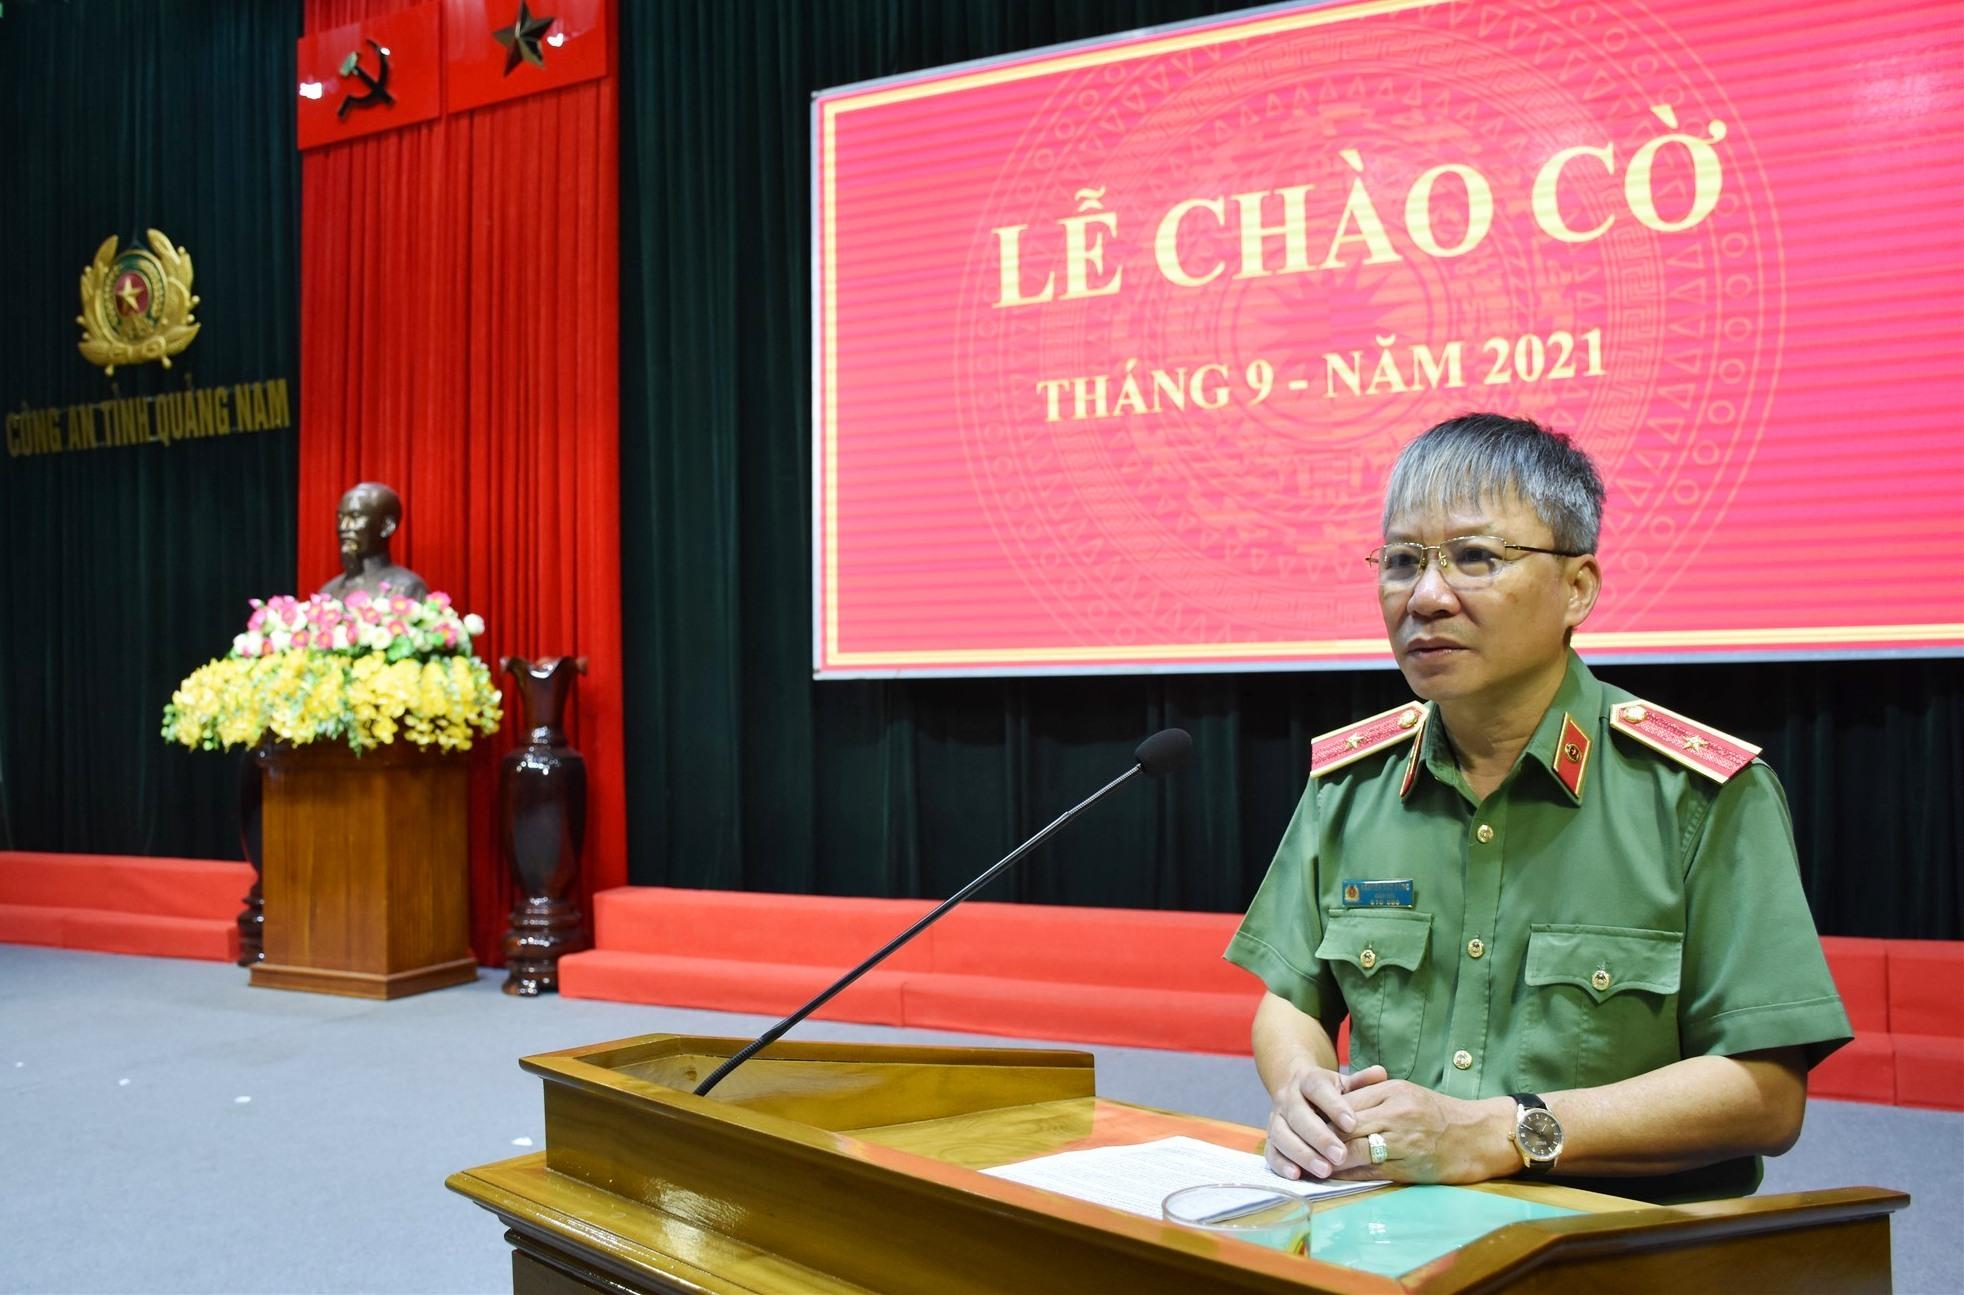 Thiếu tướng Nguyễn Đức Dũng - Giám đốc Công an tỉnh phát động hưởng ứng phong trào thi đua trong toàn lực lượng Công an tỉnh. Ảnh: M.T